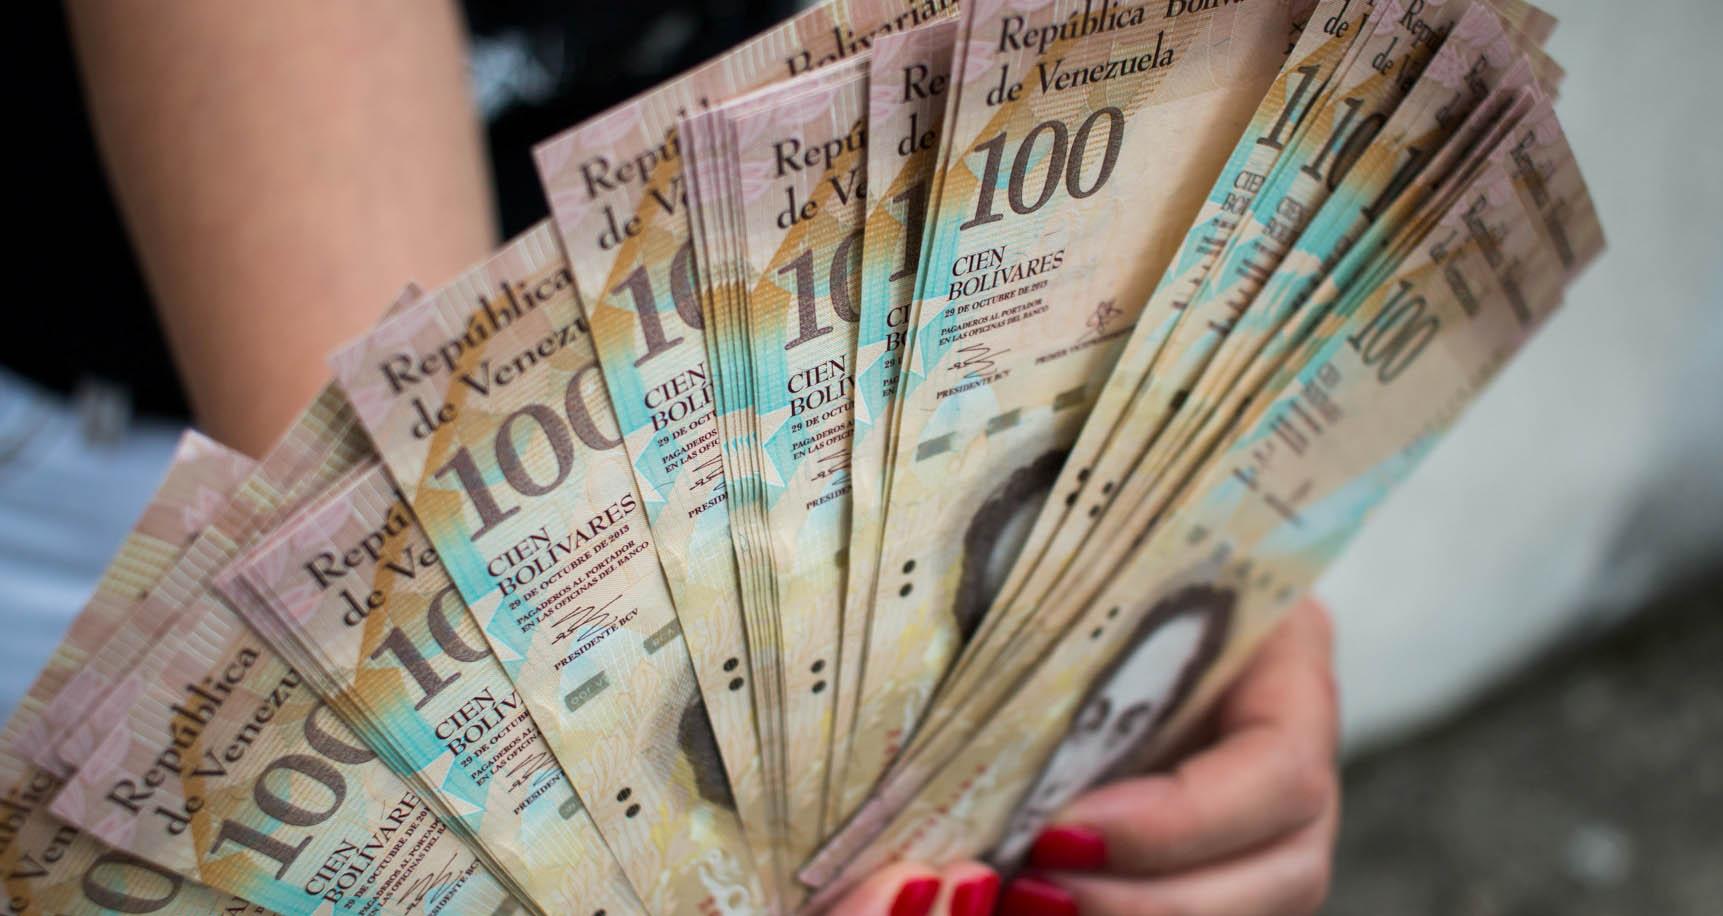 La mujer arrestada luego de intentar salir del penal con 16 mil 500 millones de bolívares distribuidos en el papel moneda